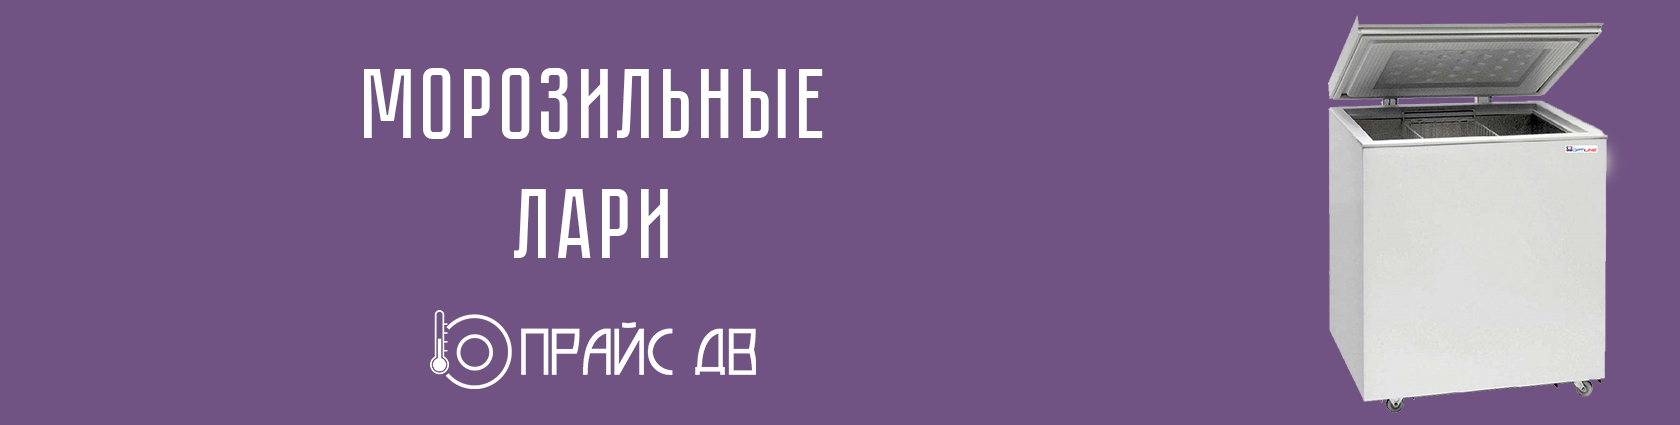 """Морозильные лари в интернет-магазине """"Прайс ДВ"""""""